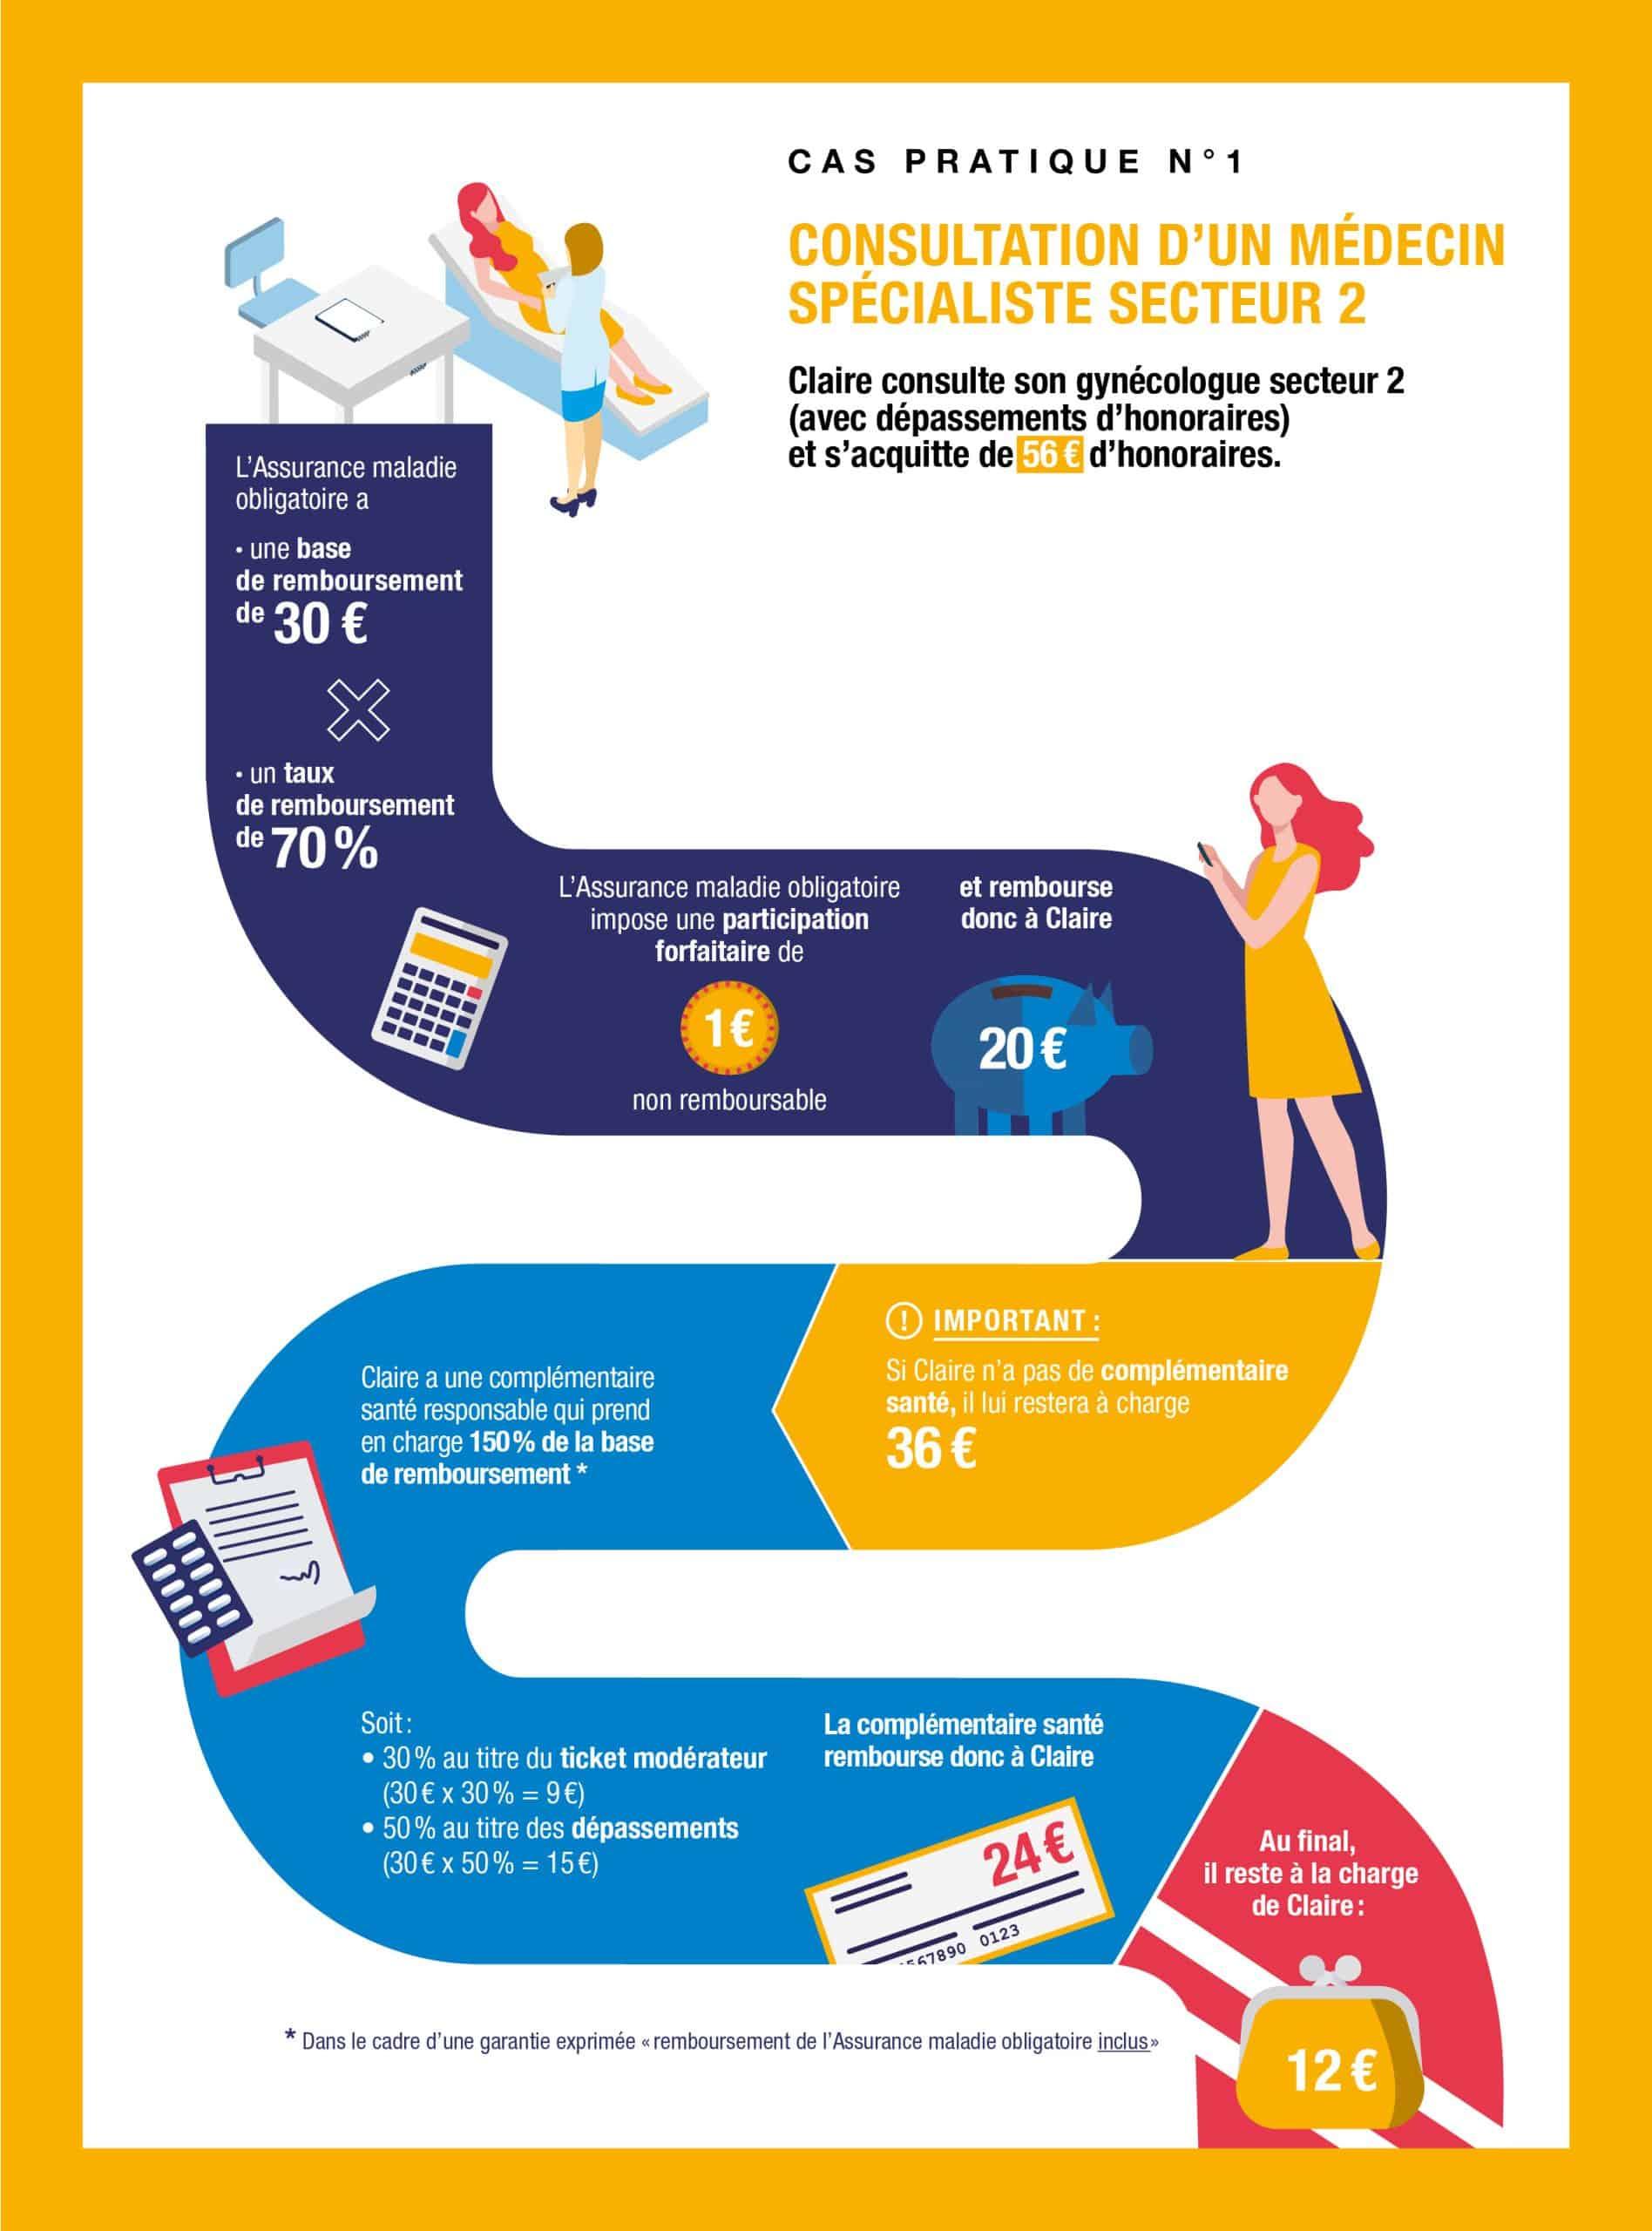 Infographie Consultation d'un médecin spécialiste secteur 2